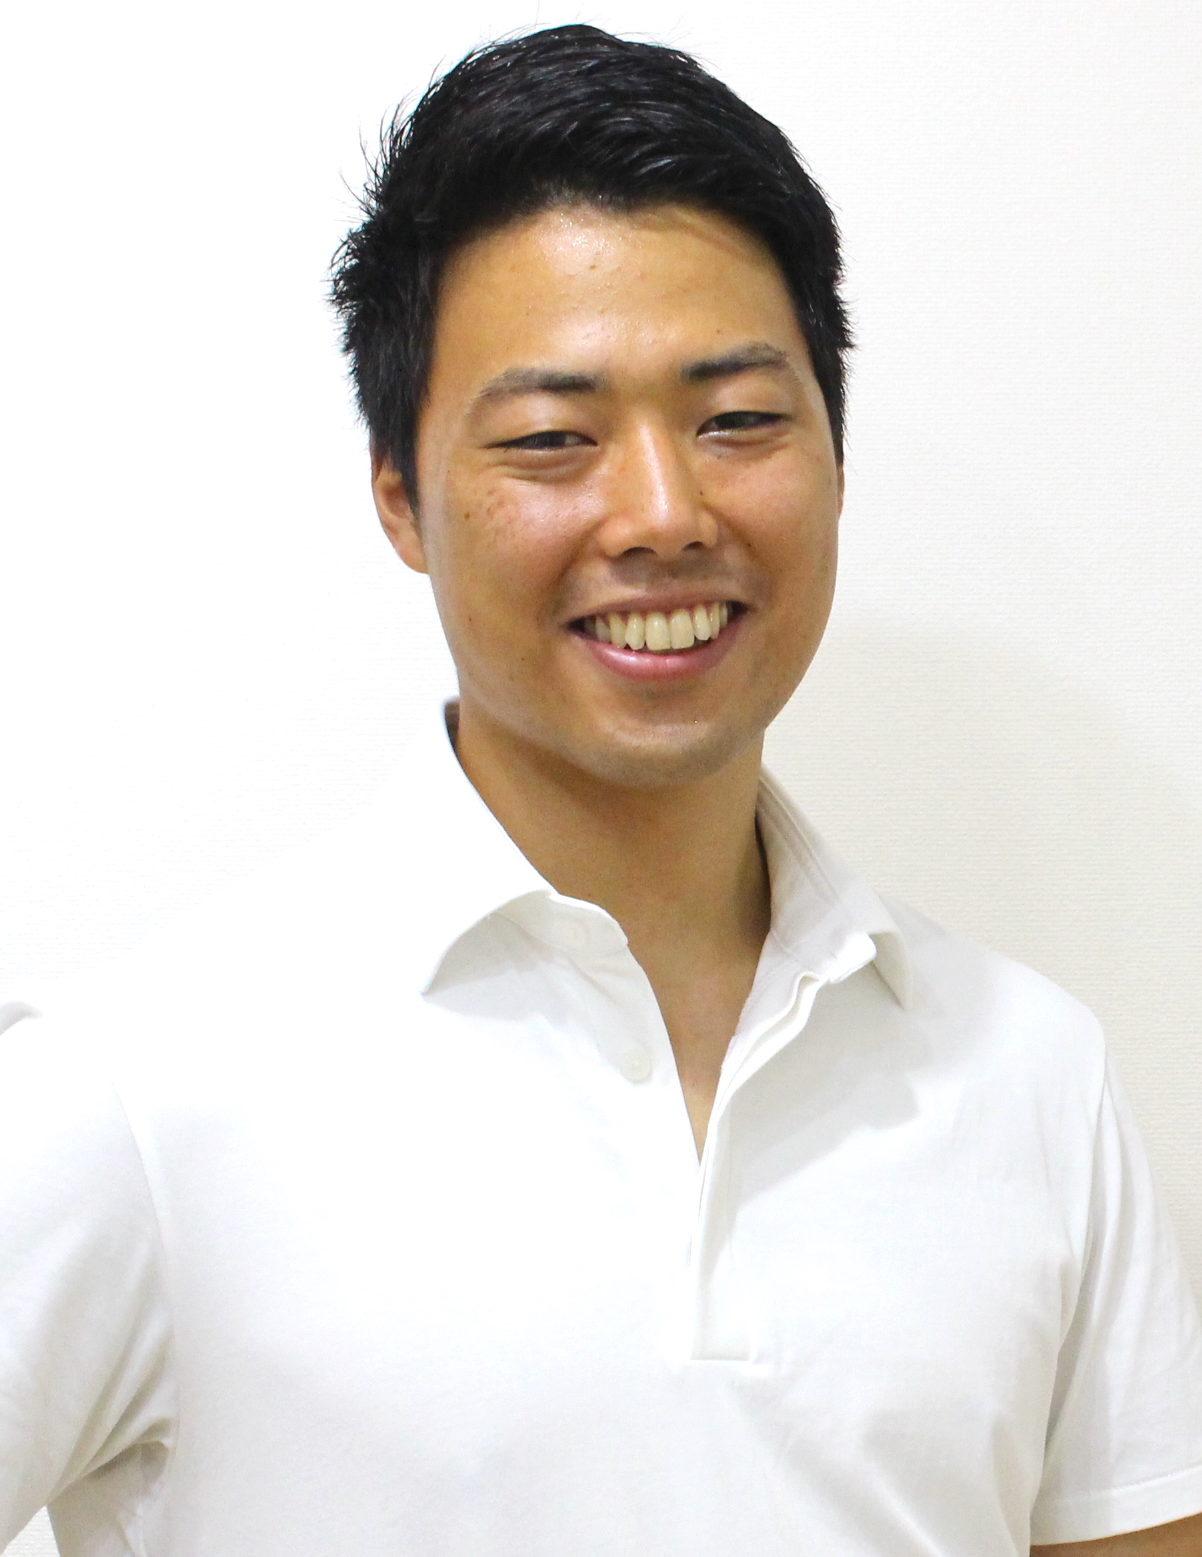 株式会社ORIGINESS代表取締役川谷響